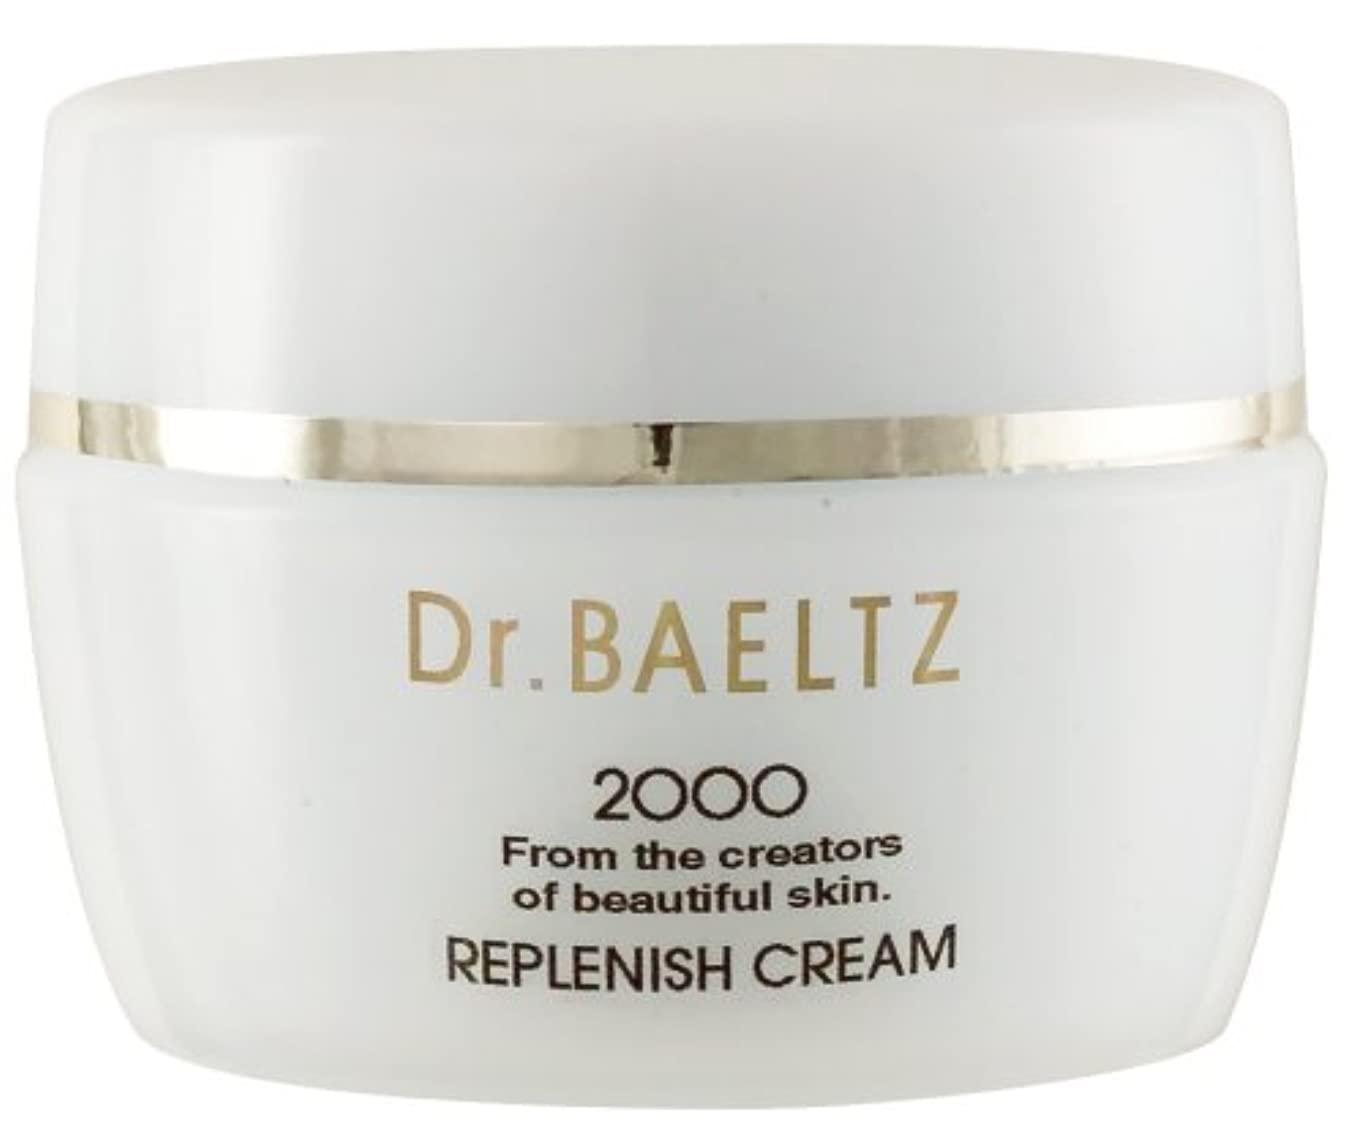 効能世紀本気ドクターベルツ(Dr.BAELTZ) リプレニッシュクリーム 40g(保湿クリーム)